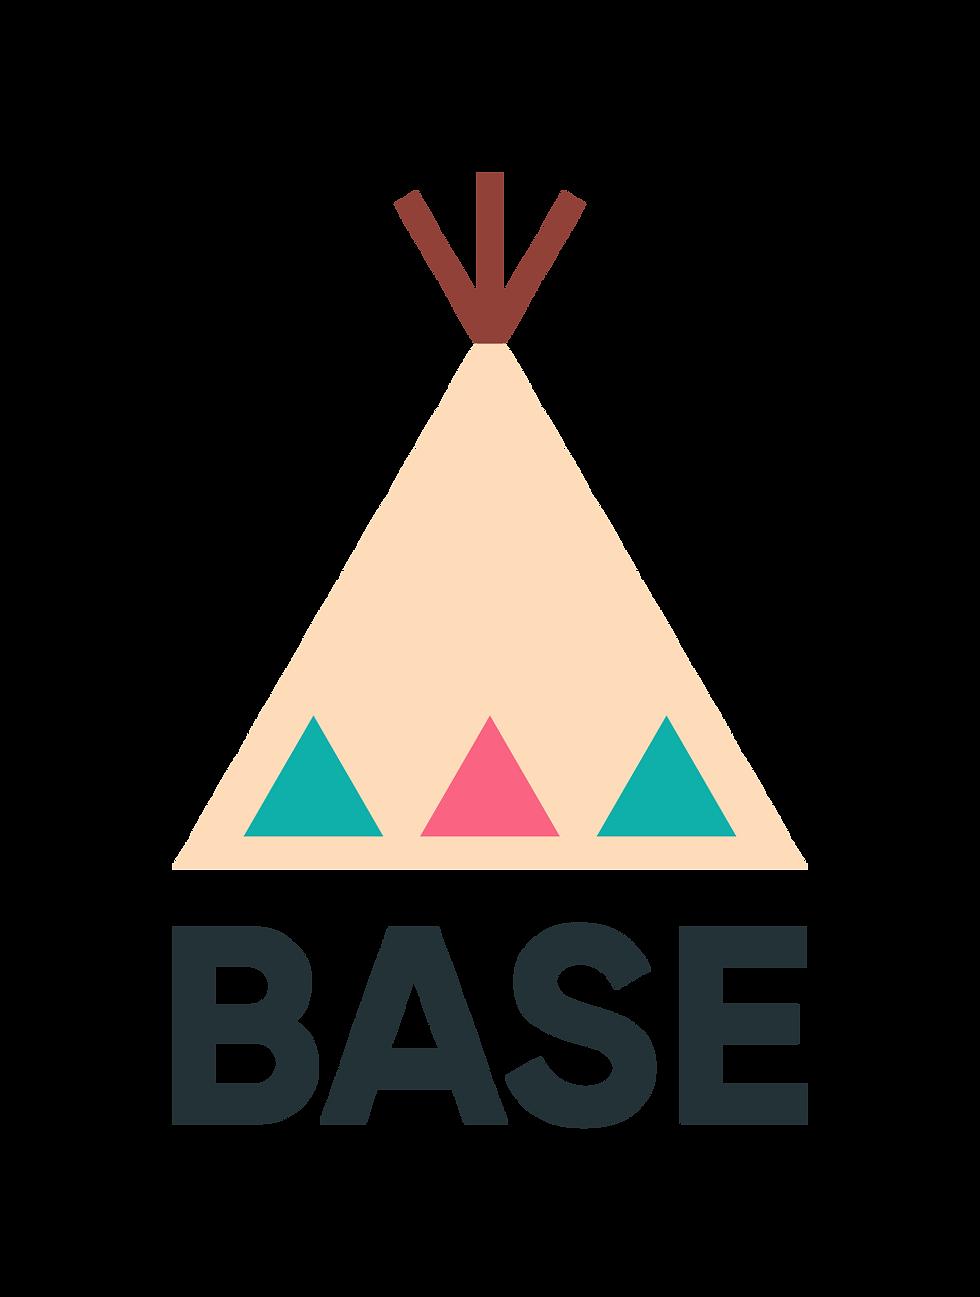 base_logo_vertical_black